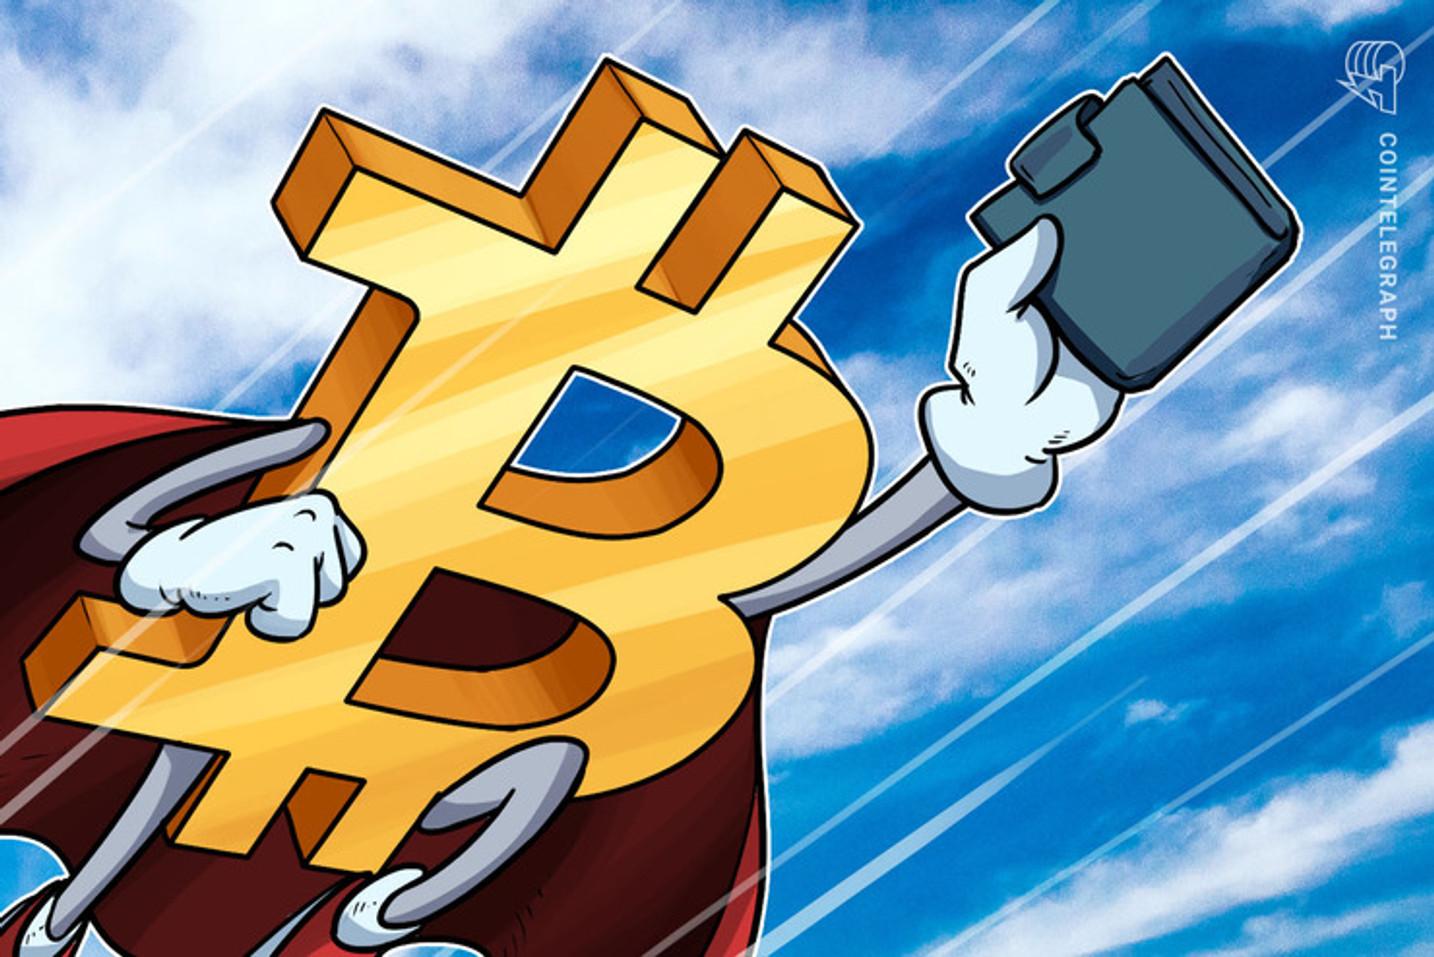 El 7% del volumen semanal de BTC fue movido por las cripto ballenas para manipular el precio de Bitcoin